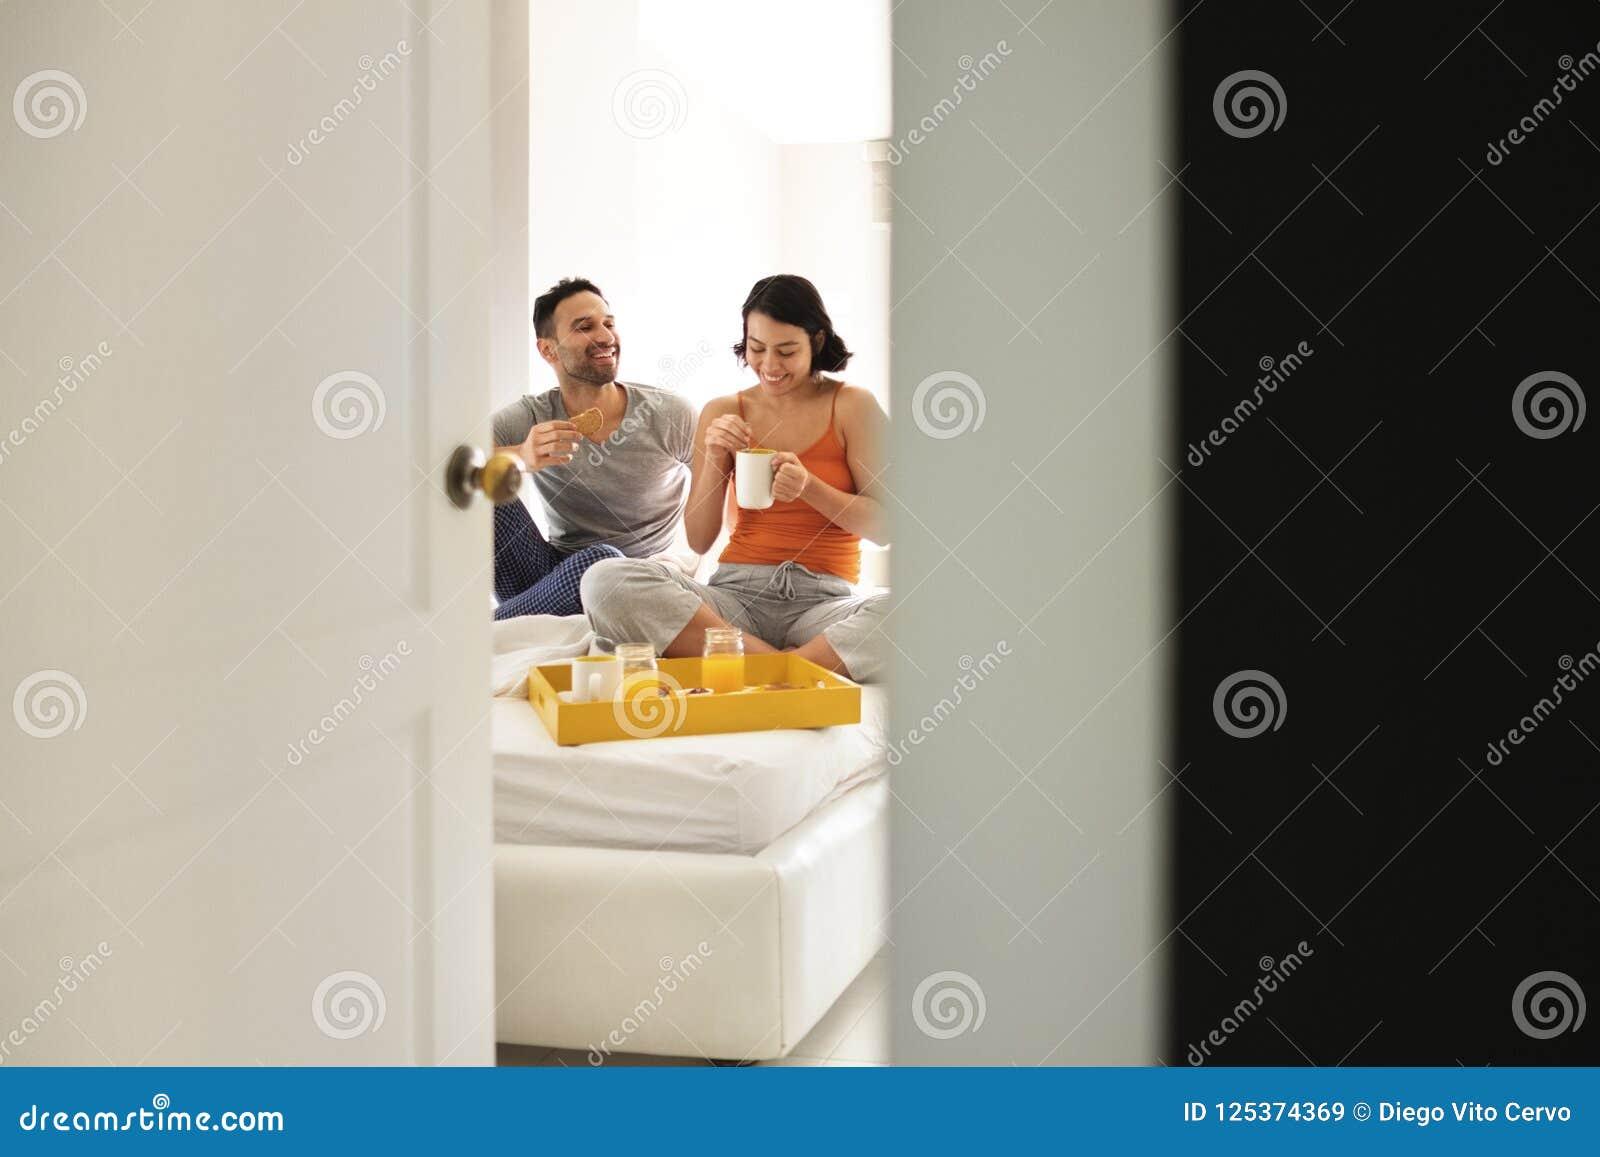 zhena-doma-v-spalne